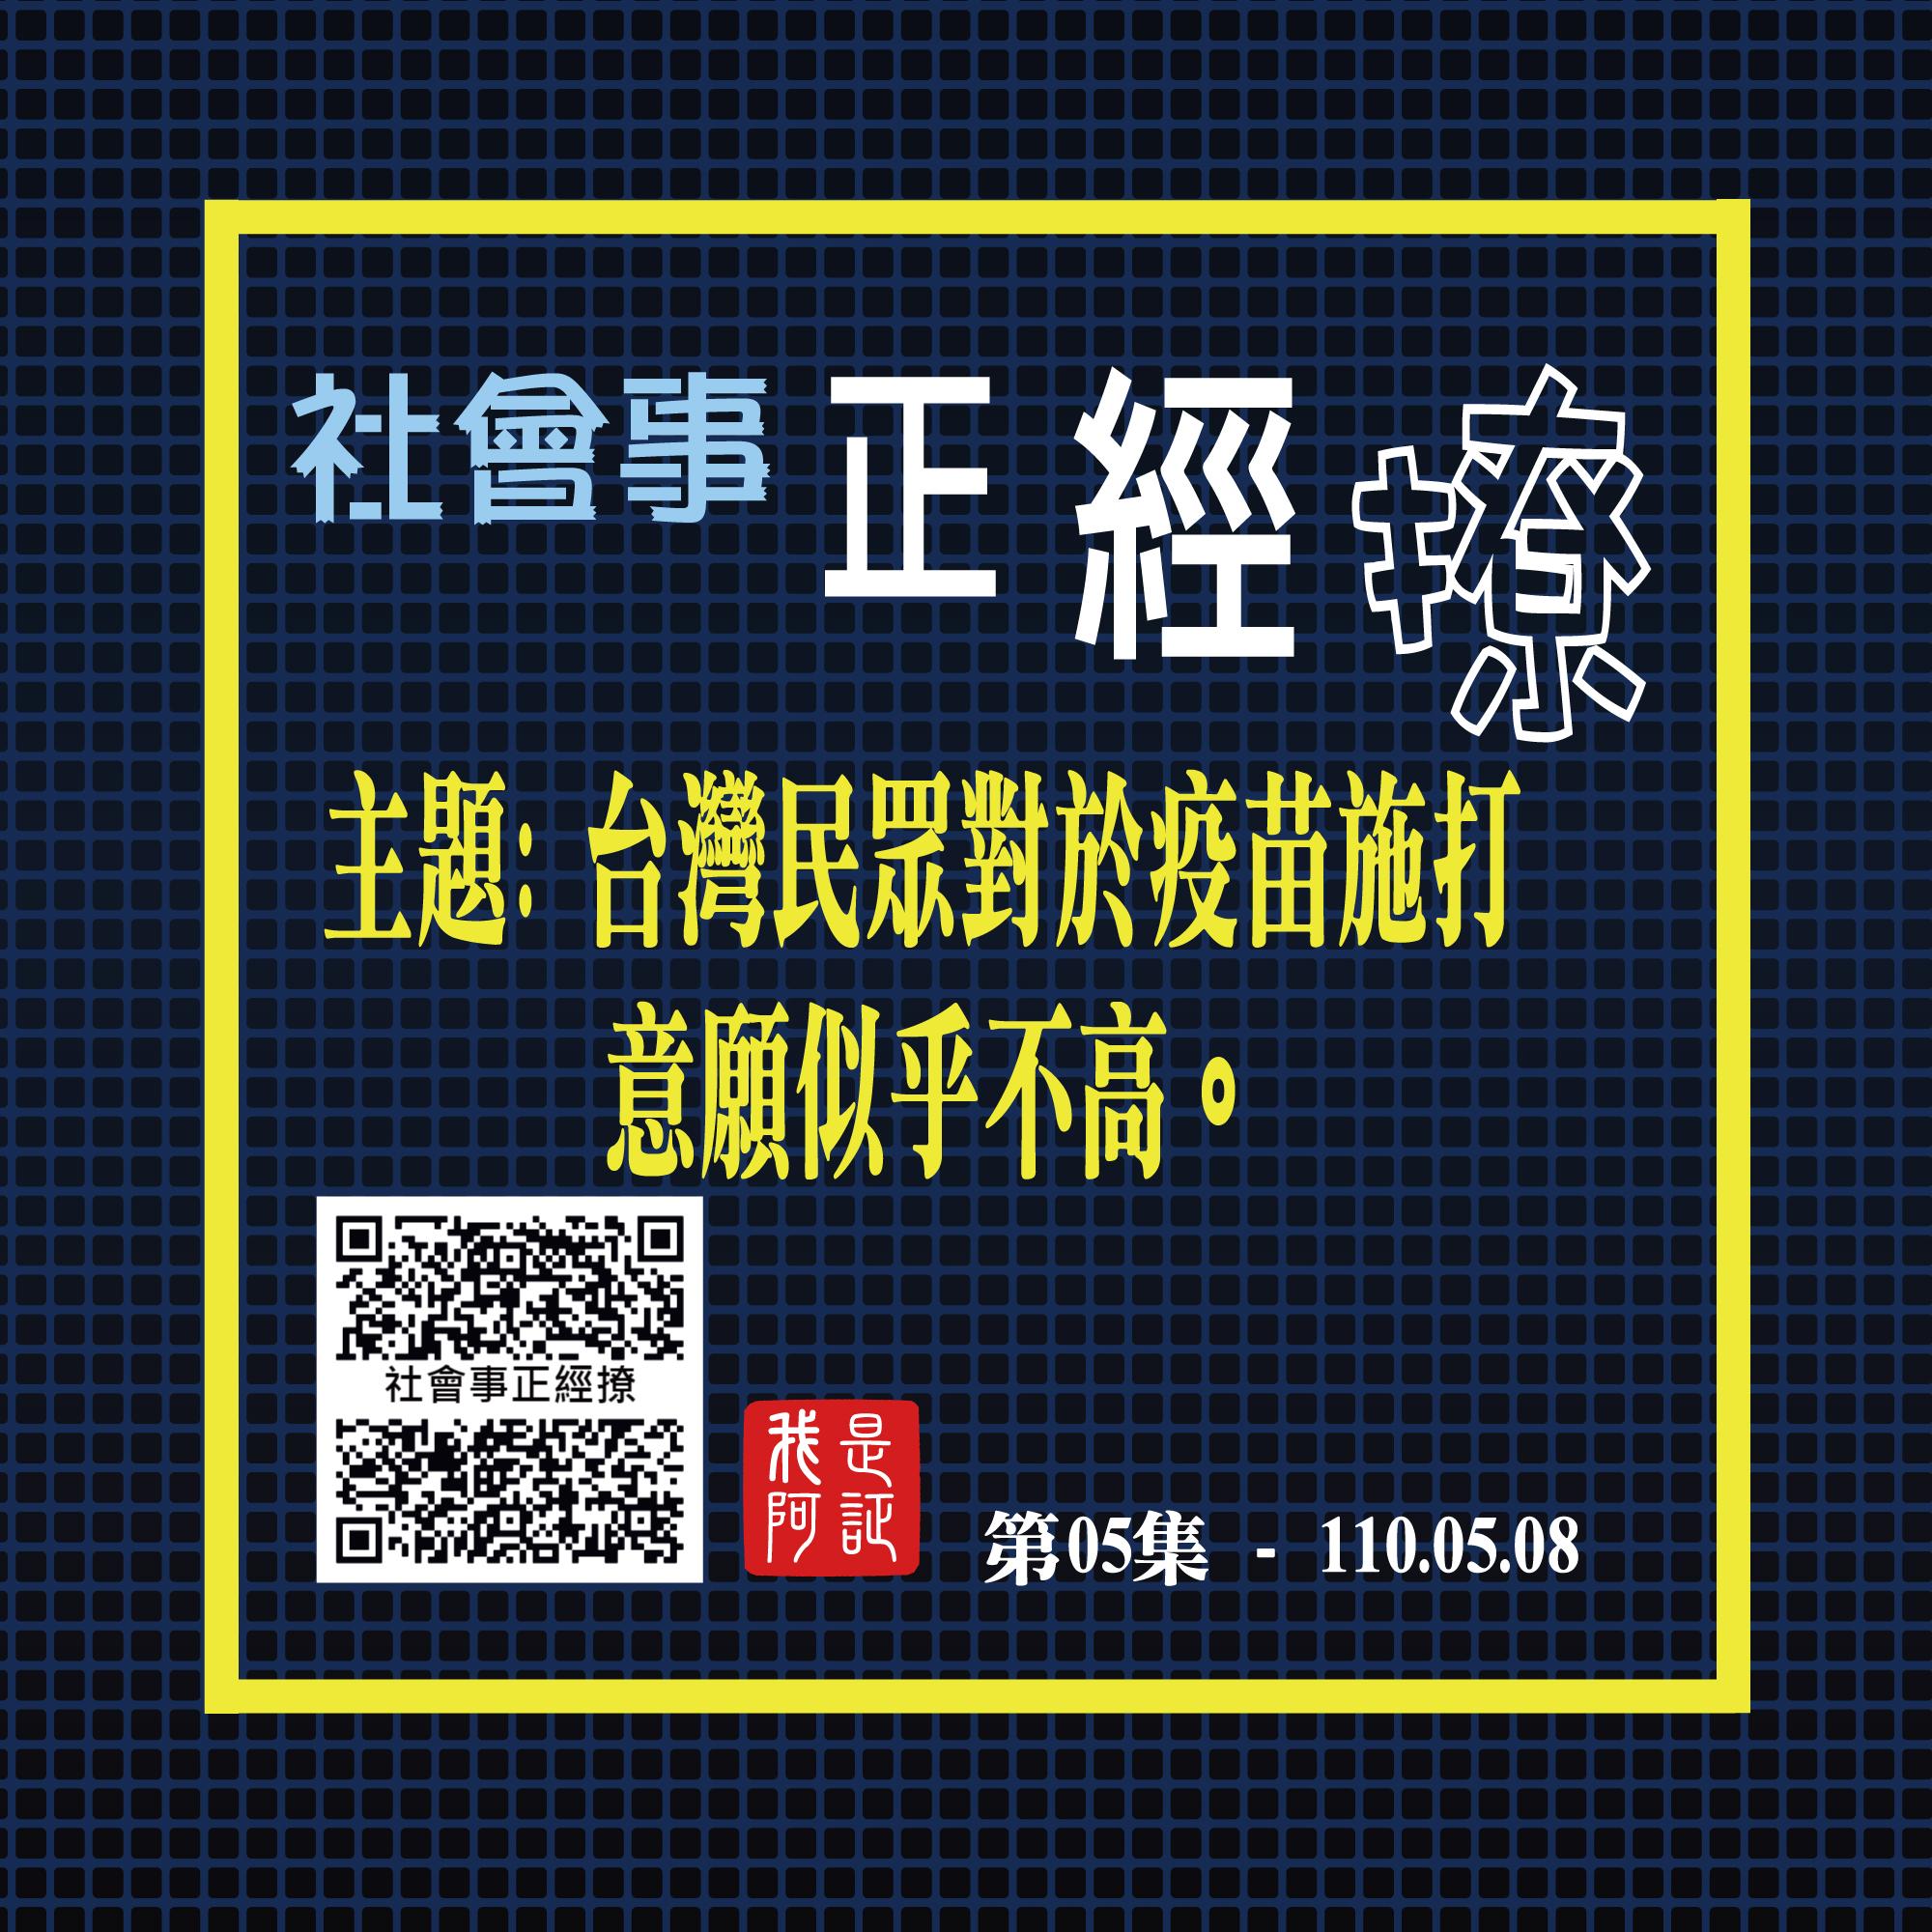 #5 / 台灣民眾對於疫苗施打意願似乎不高  (1100508-社會事正經撩-第5集)